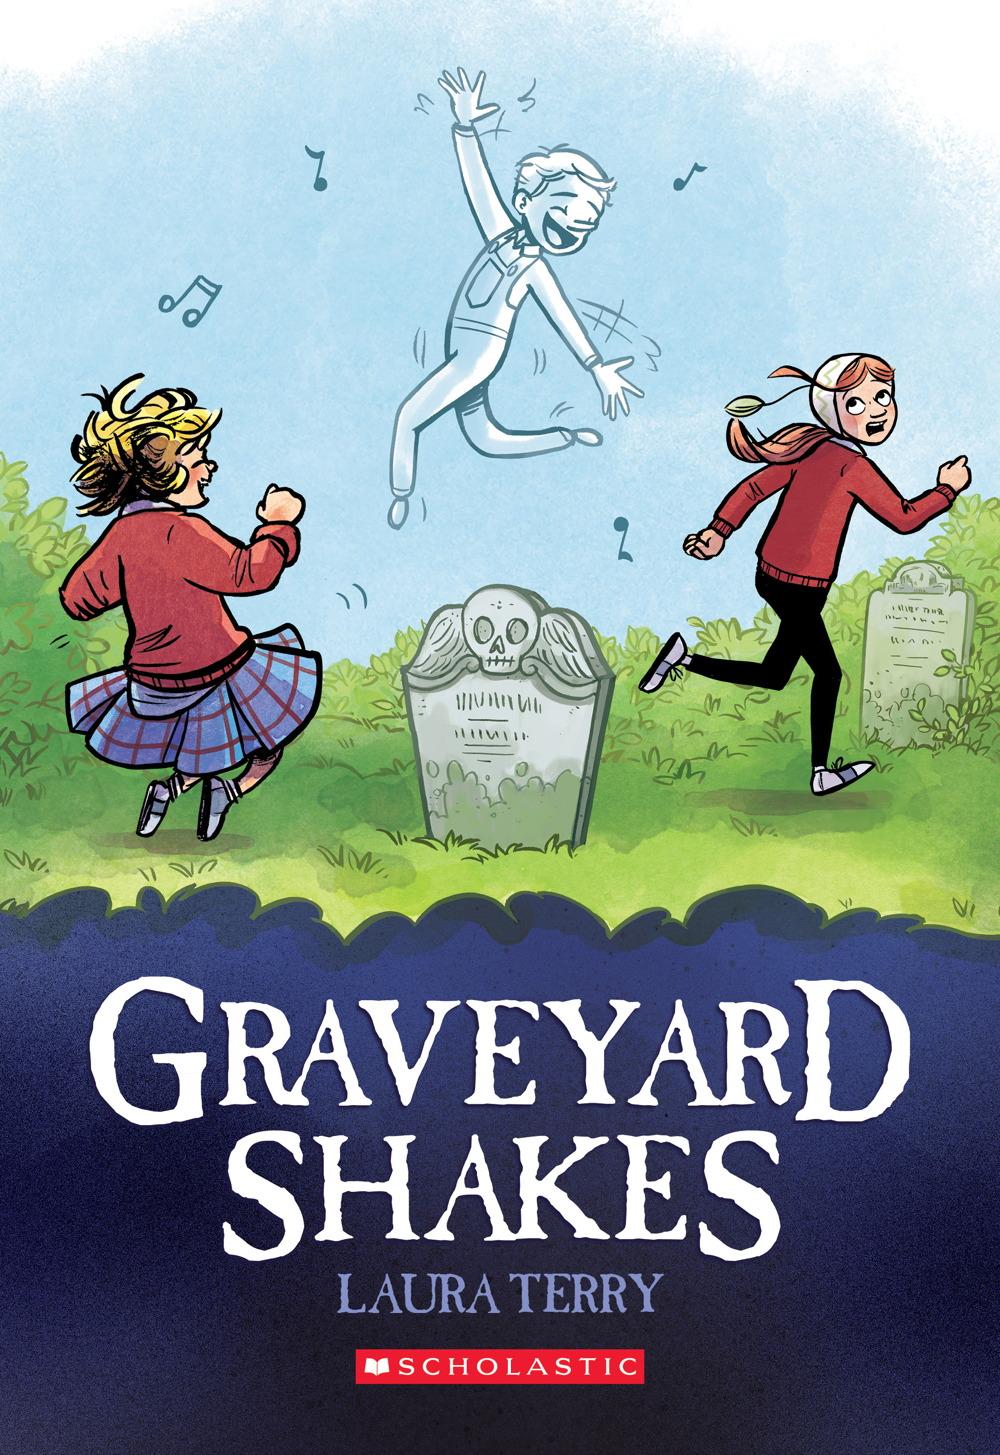 Graveyard_Shakes_PB.JPG